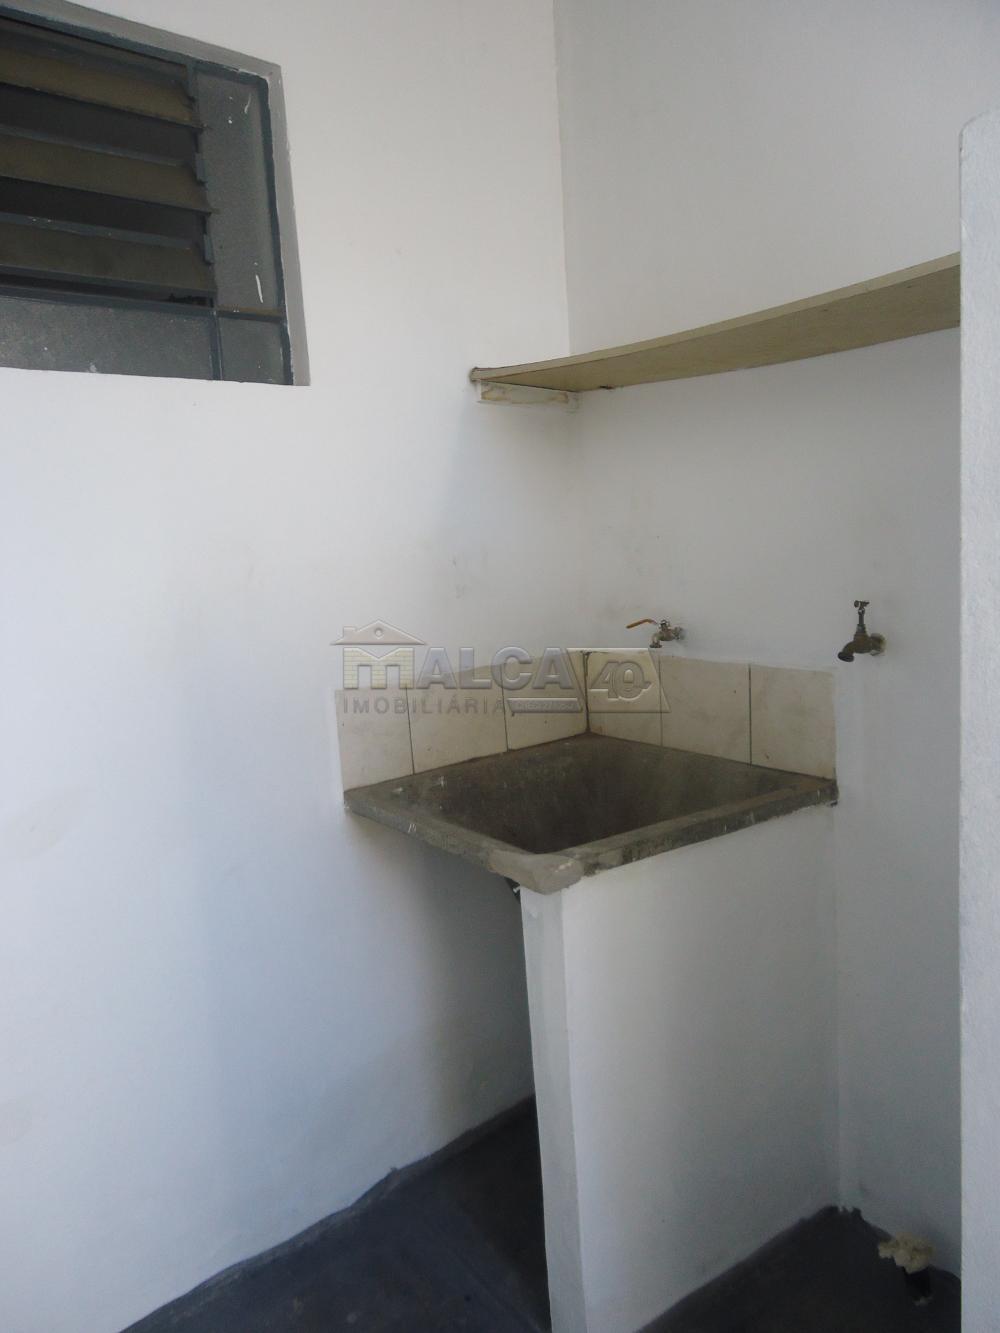 Alugar Casas / Padrão em São José do Rio Pardo R$ 800,00 - Foto 5